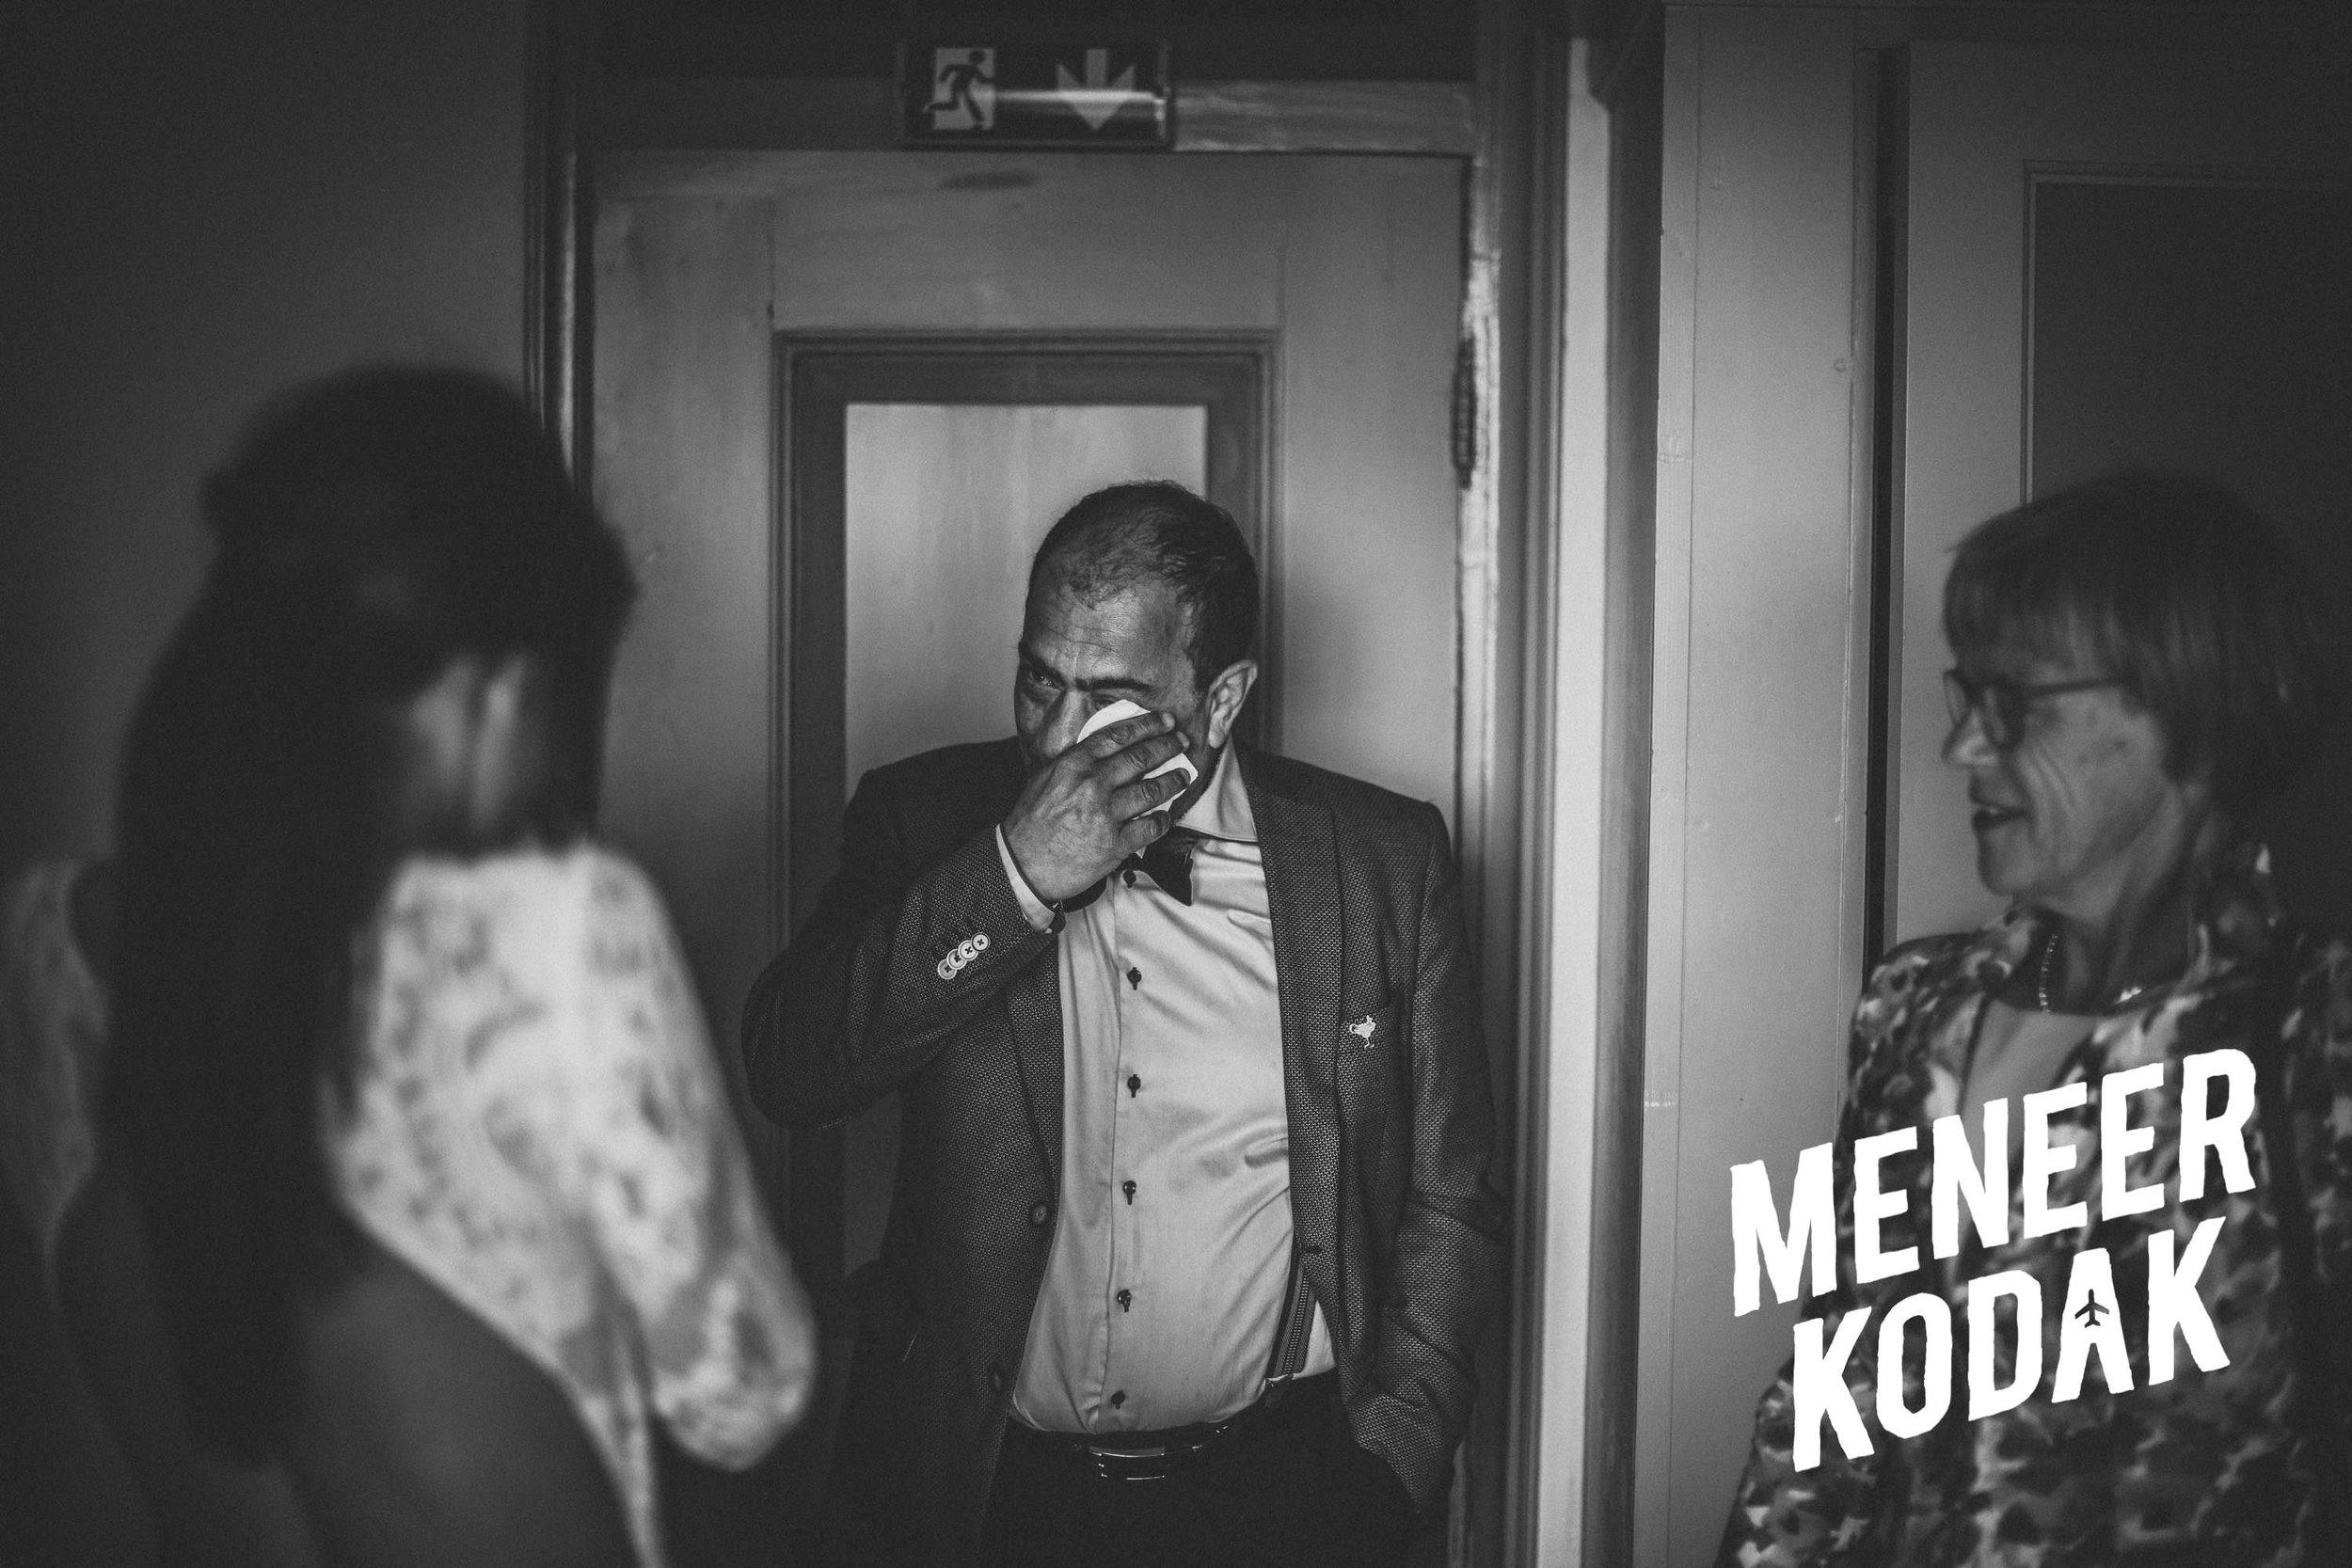 Meneer Kodak - Bruidsfotograaf - Amsterdam - M&J-033.jpg